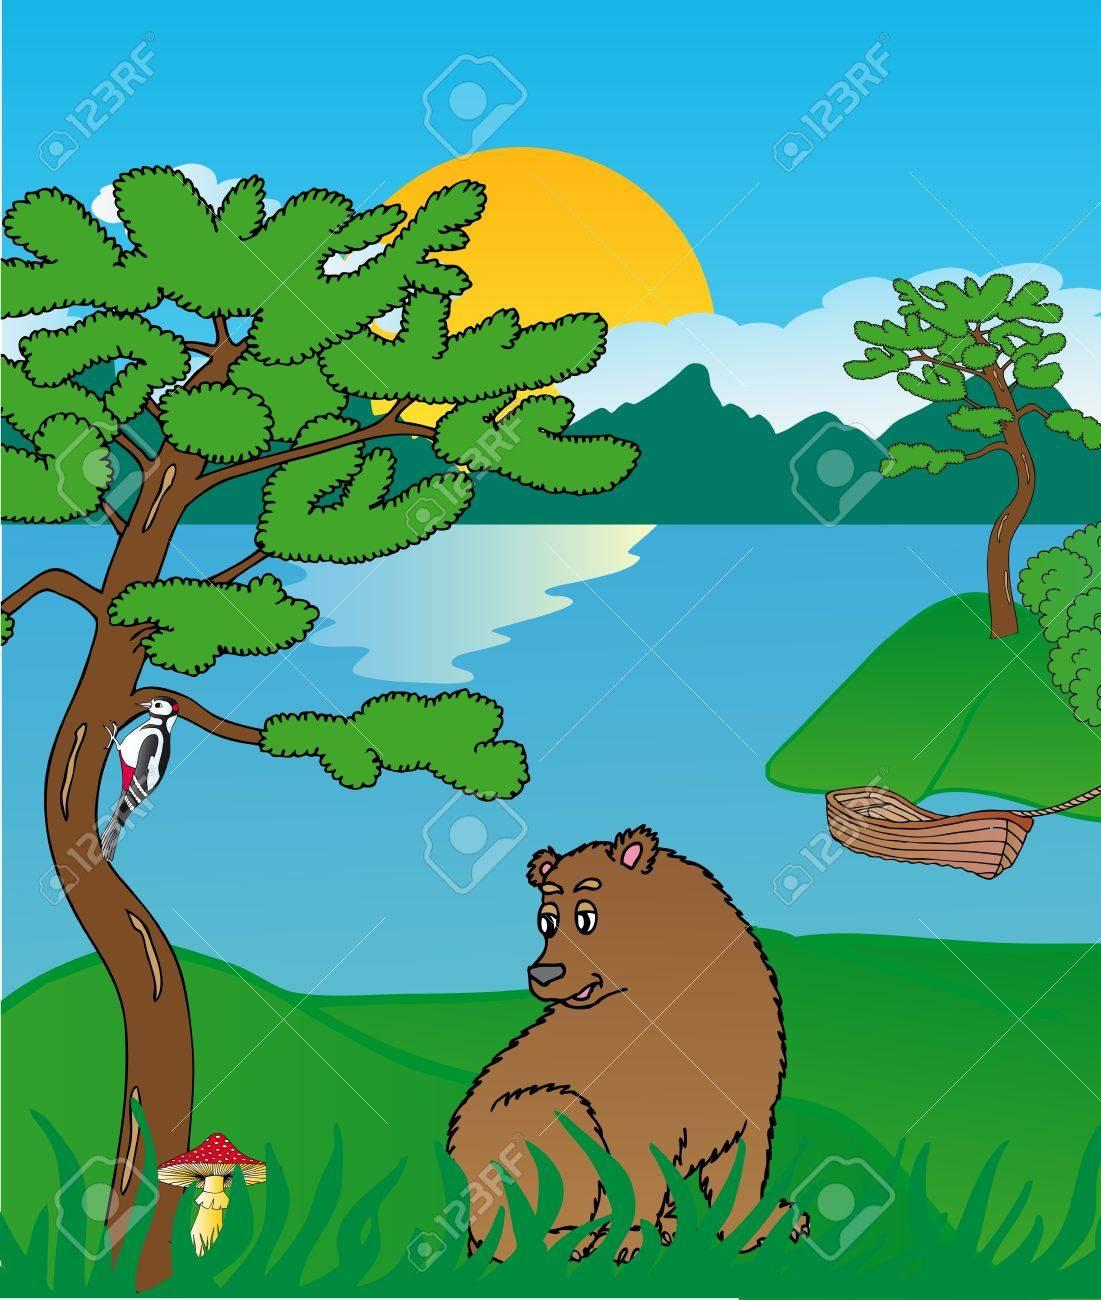 Bear at lake - vector illustration Stock Vector - 14031410